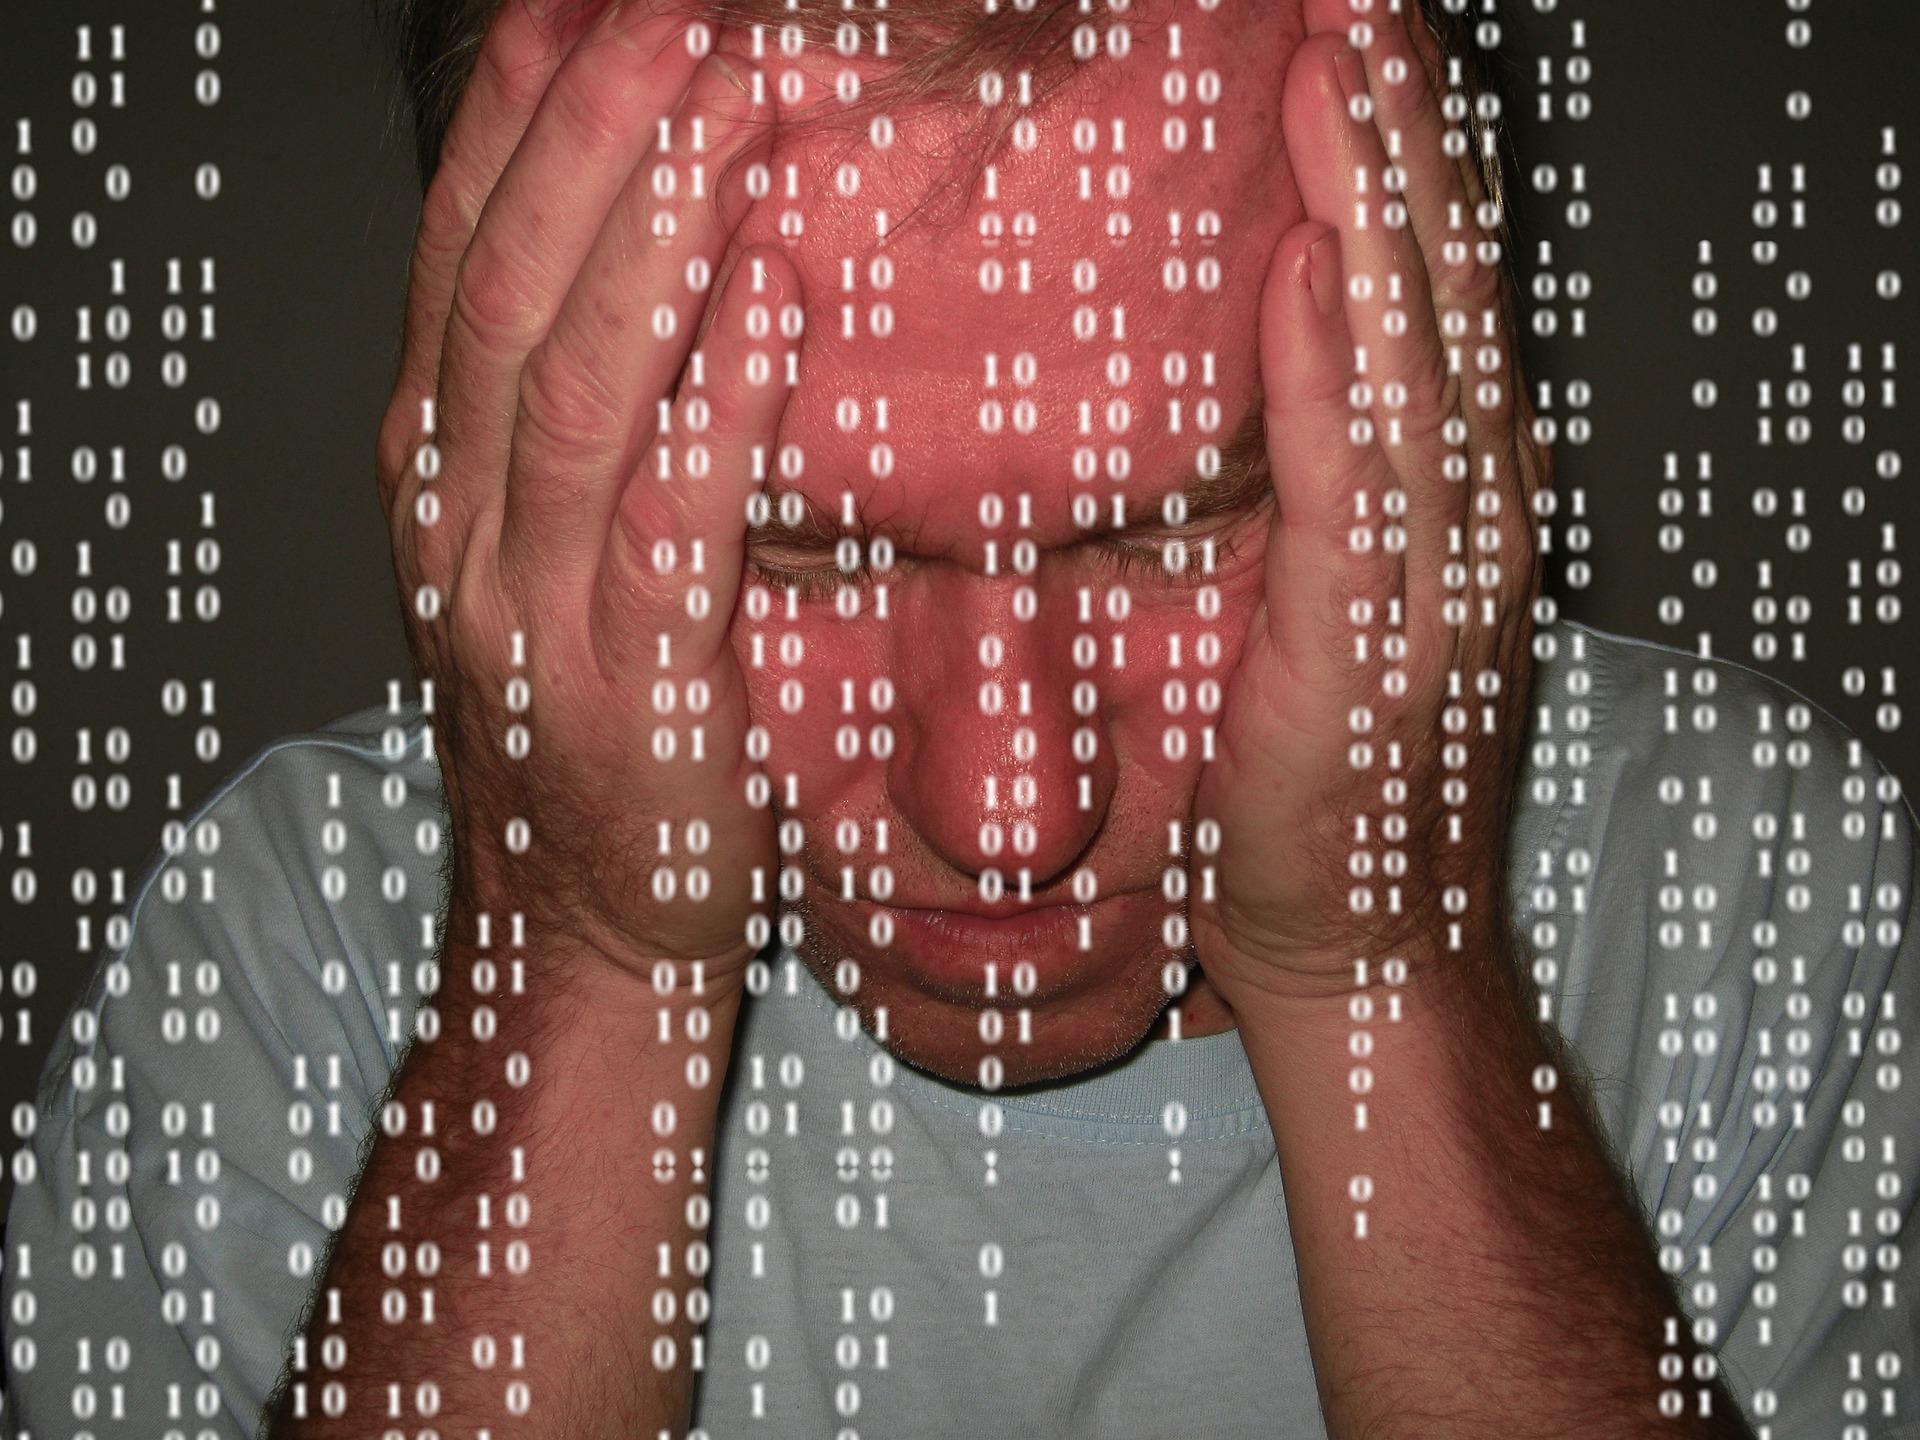 הסרת פסקי דין - מחיקת החלטות משפטיות אם את או אתה רוצים למחוק לחלוטין את כל המידע המשפטי המופיע ברשת, לרבות פסקי דין, תביעות, החלטות שיפוטיות, גזרי דין וכו' - אנחנו הכתובת היחידה המסירה מגוגל פסקי דין ומננקה את האינטרנט מהחלטות משפטיות. ניתן לשכור את השירותים שלנו ברגע זה. השאירו פרטים או התקשרו!